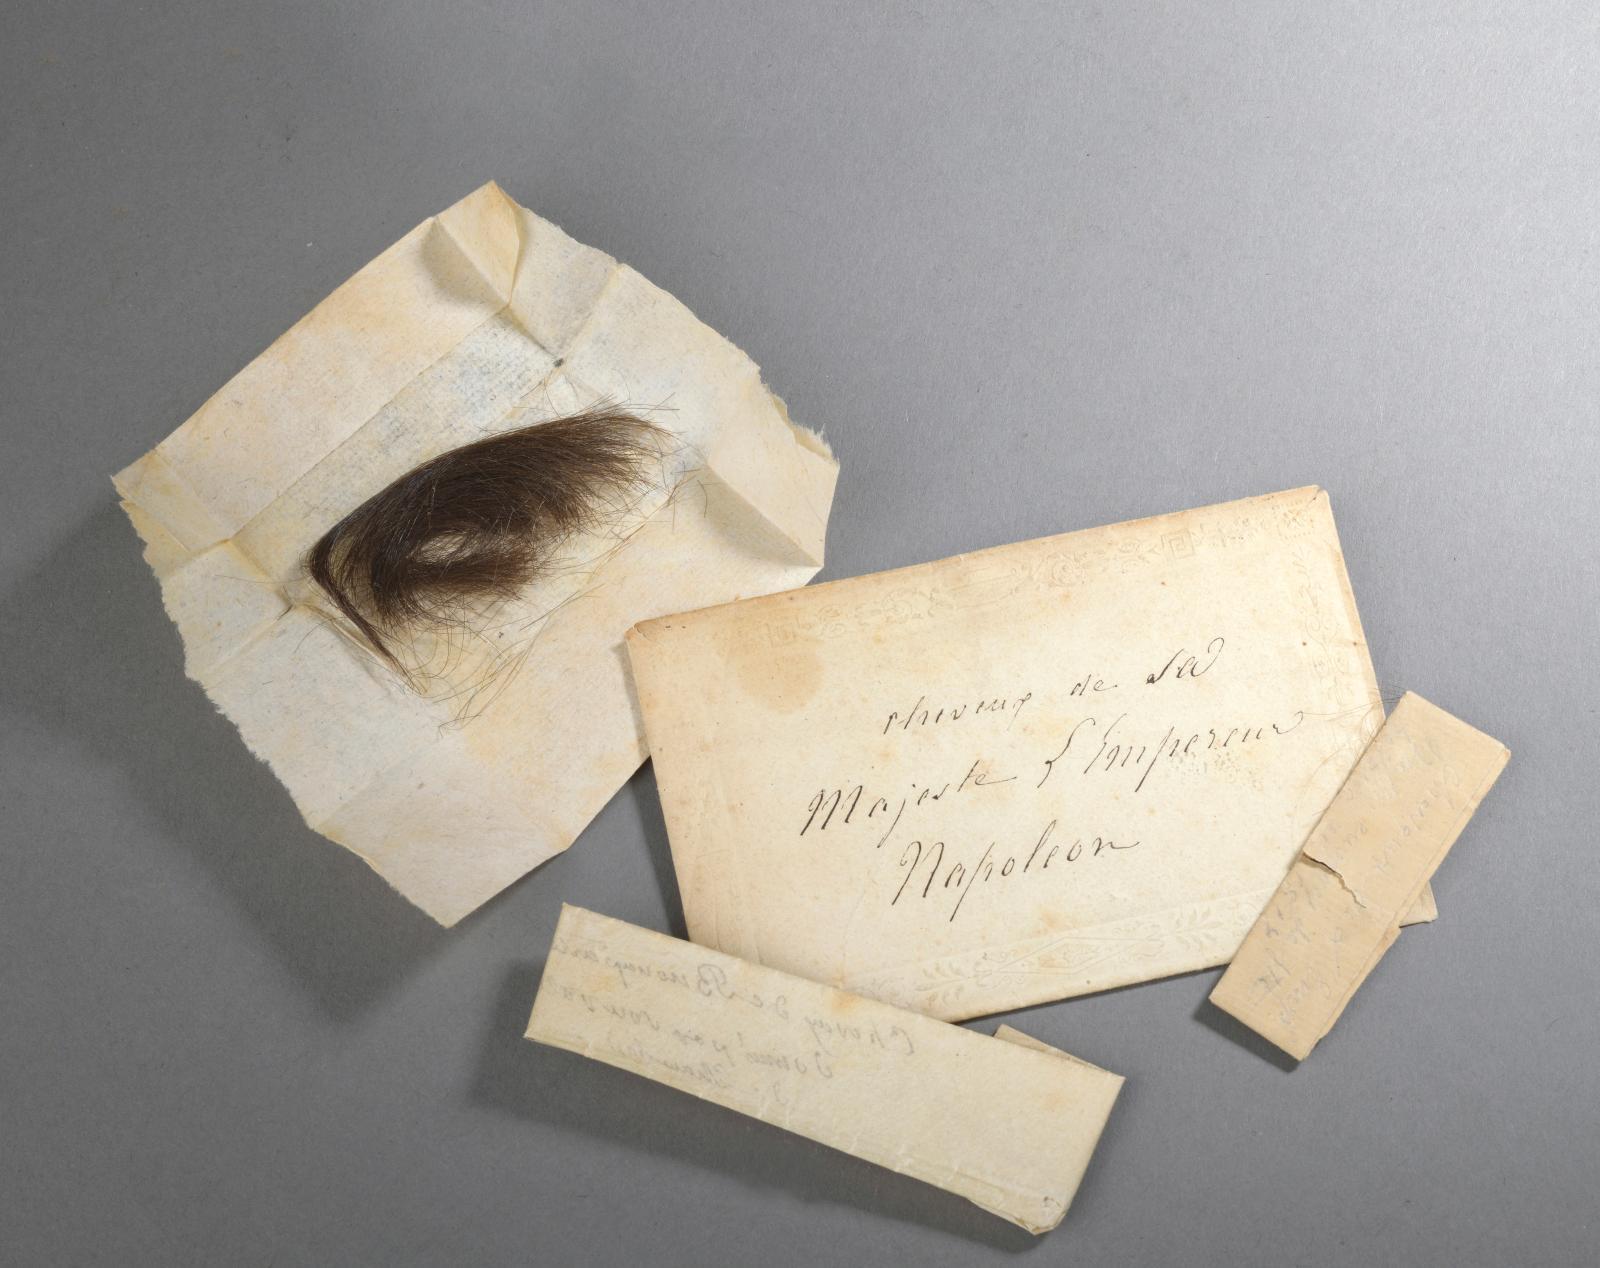 Petite enveloppe, à décor gaufré, manuscrite à l'encre sur le devant «Cheveux de Sa Majesté l'Empereur Napoléon», contenant trois plis, av